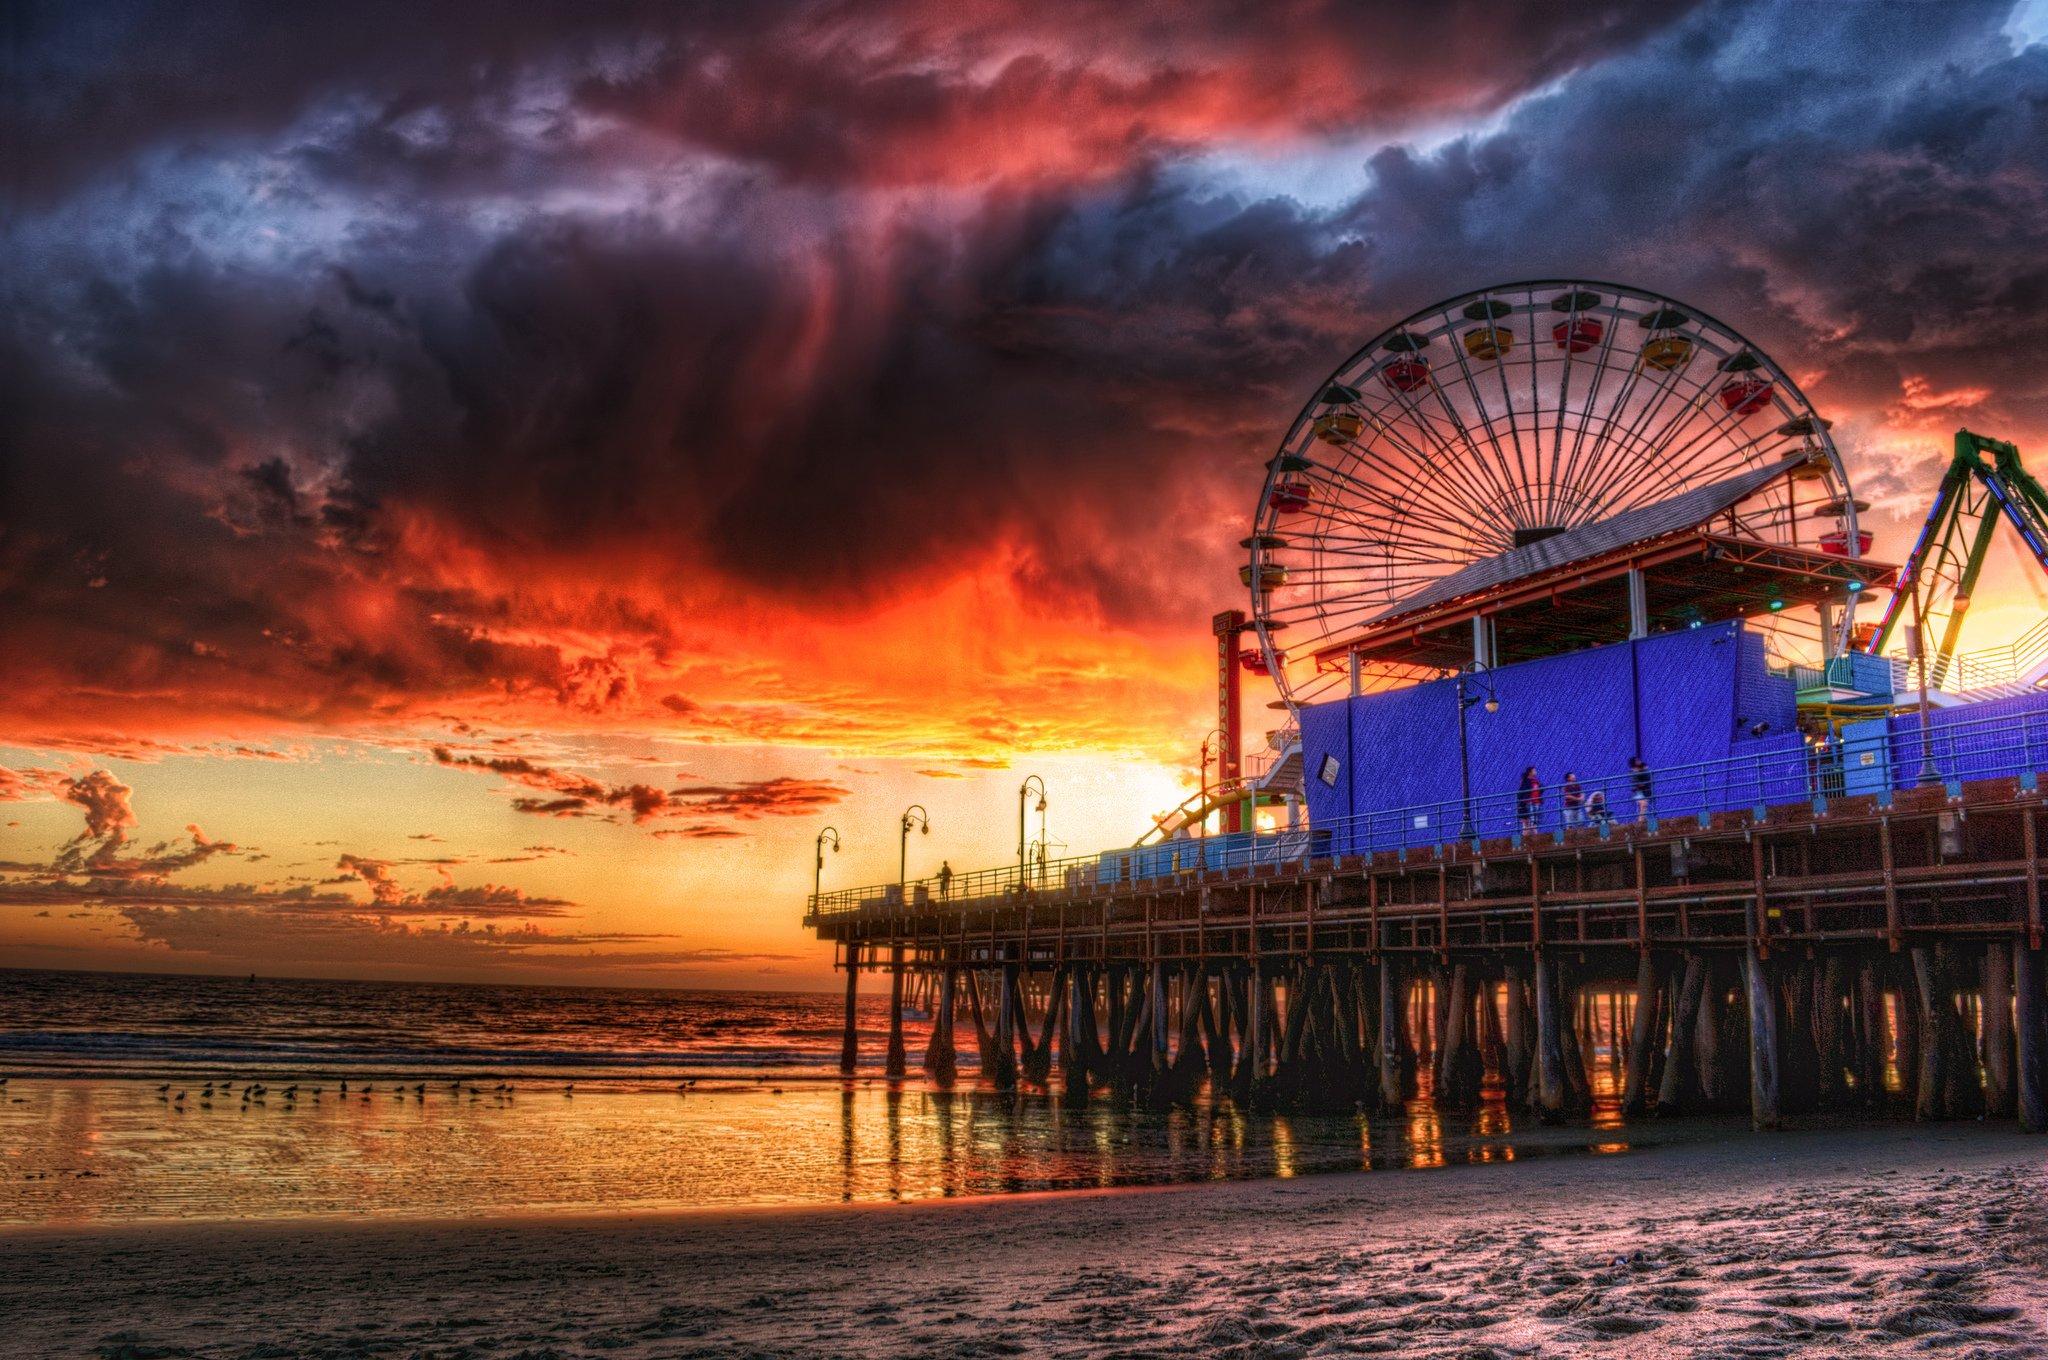 Santa Monica Pier Wallpaper - WallpaperSafari